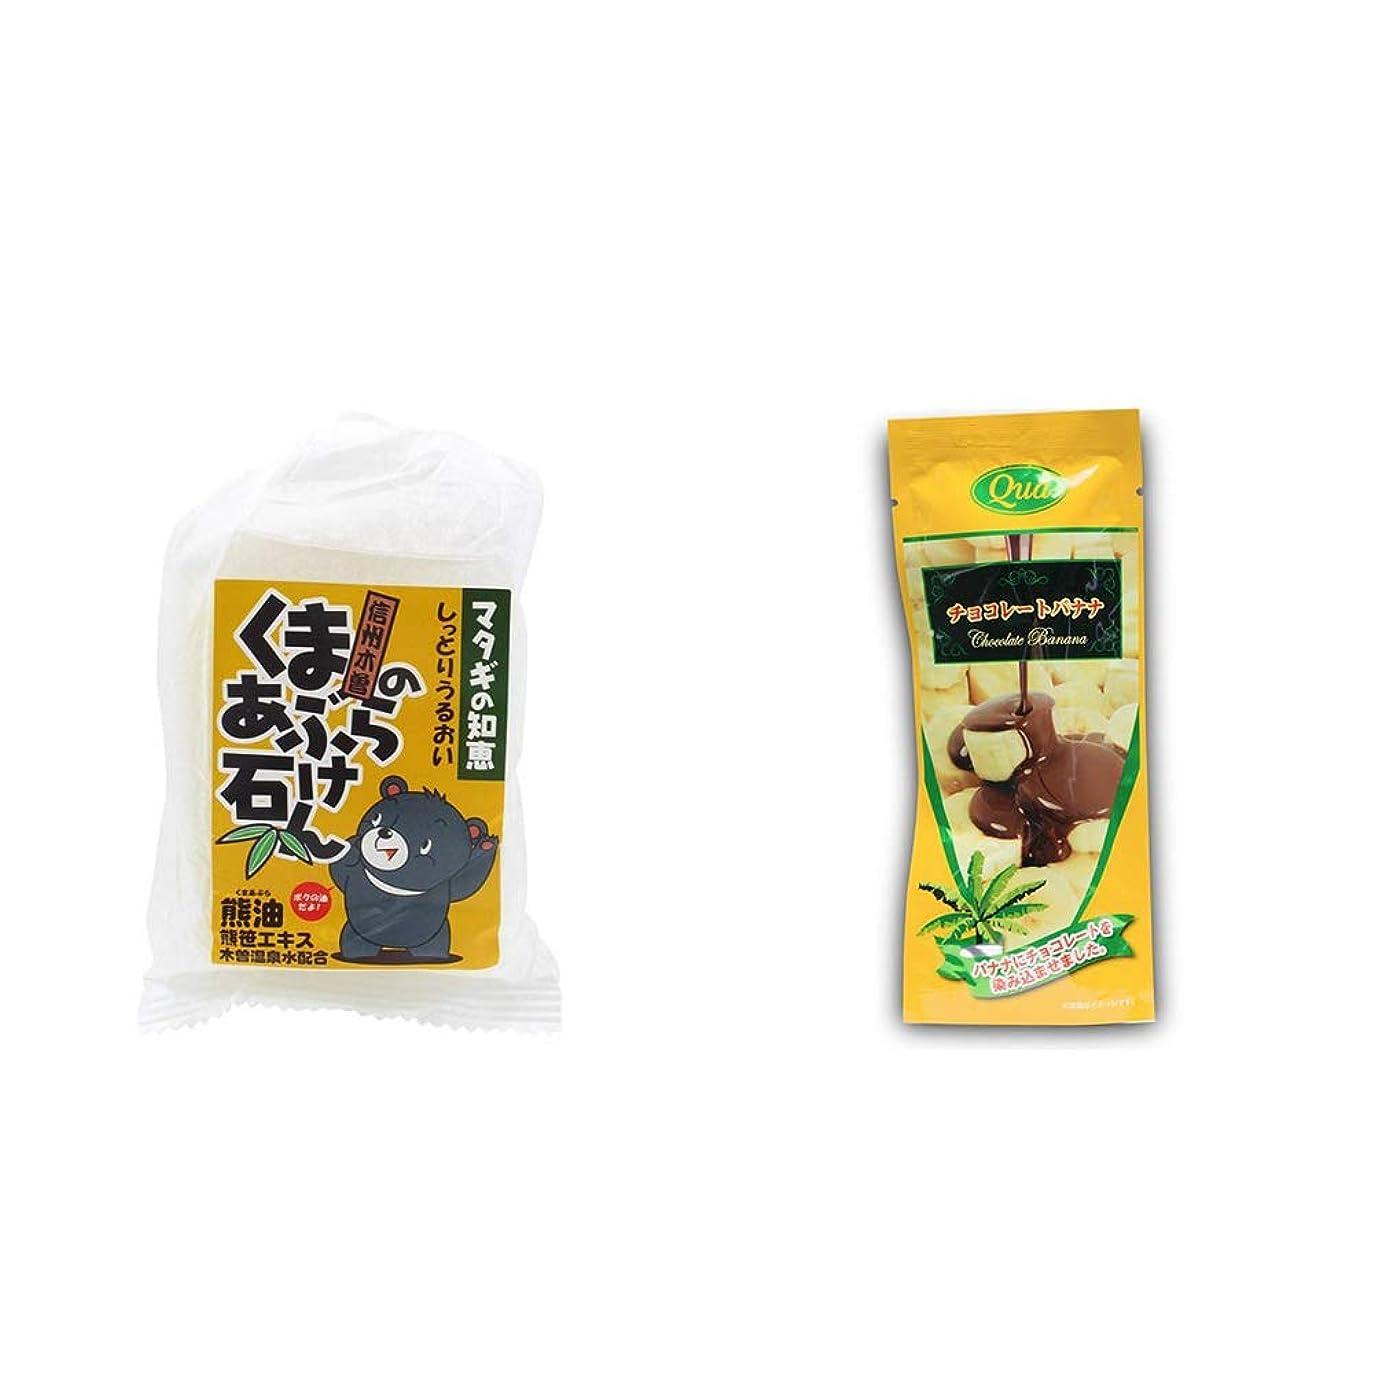 港わずかに普及[2点セット] 信州木曽 くまのあぶら石けん(80g)?フリーズドライ チョコレートバナナ(50g)